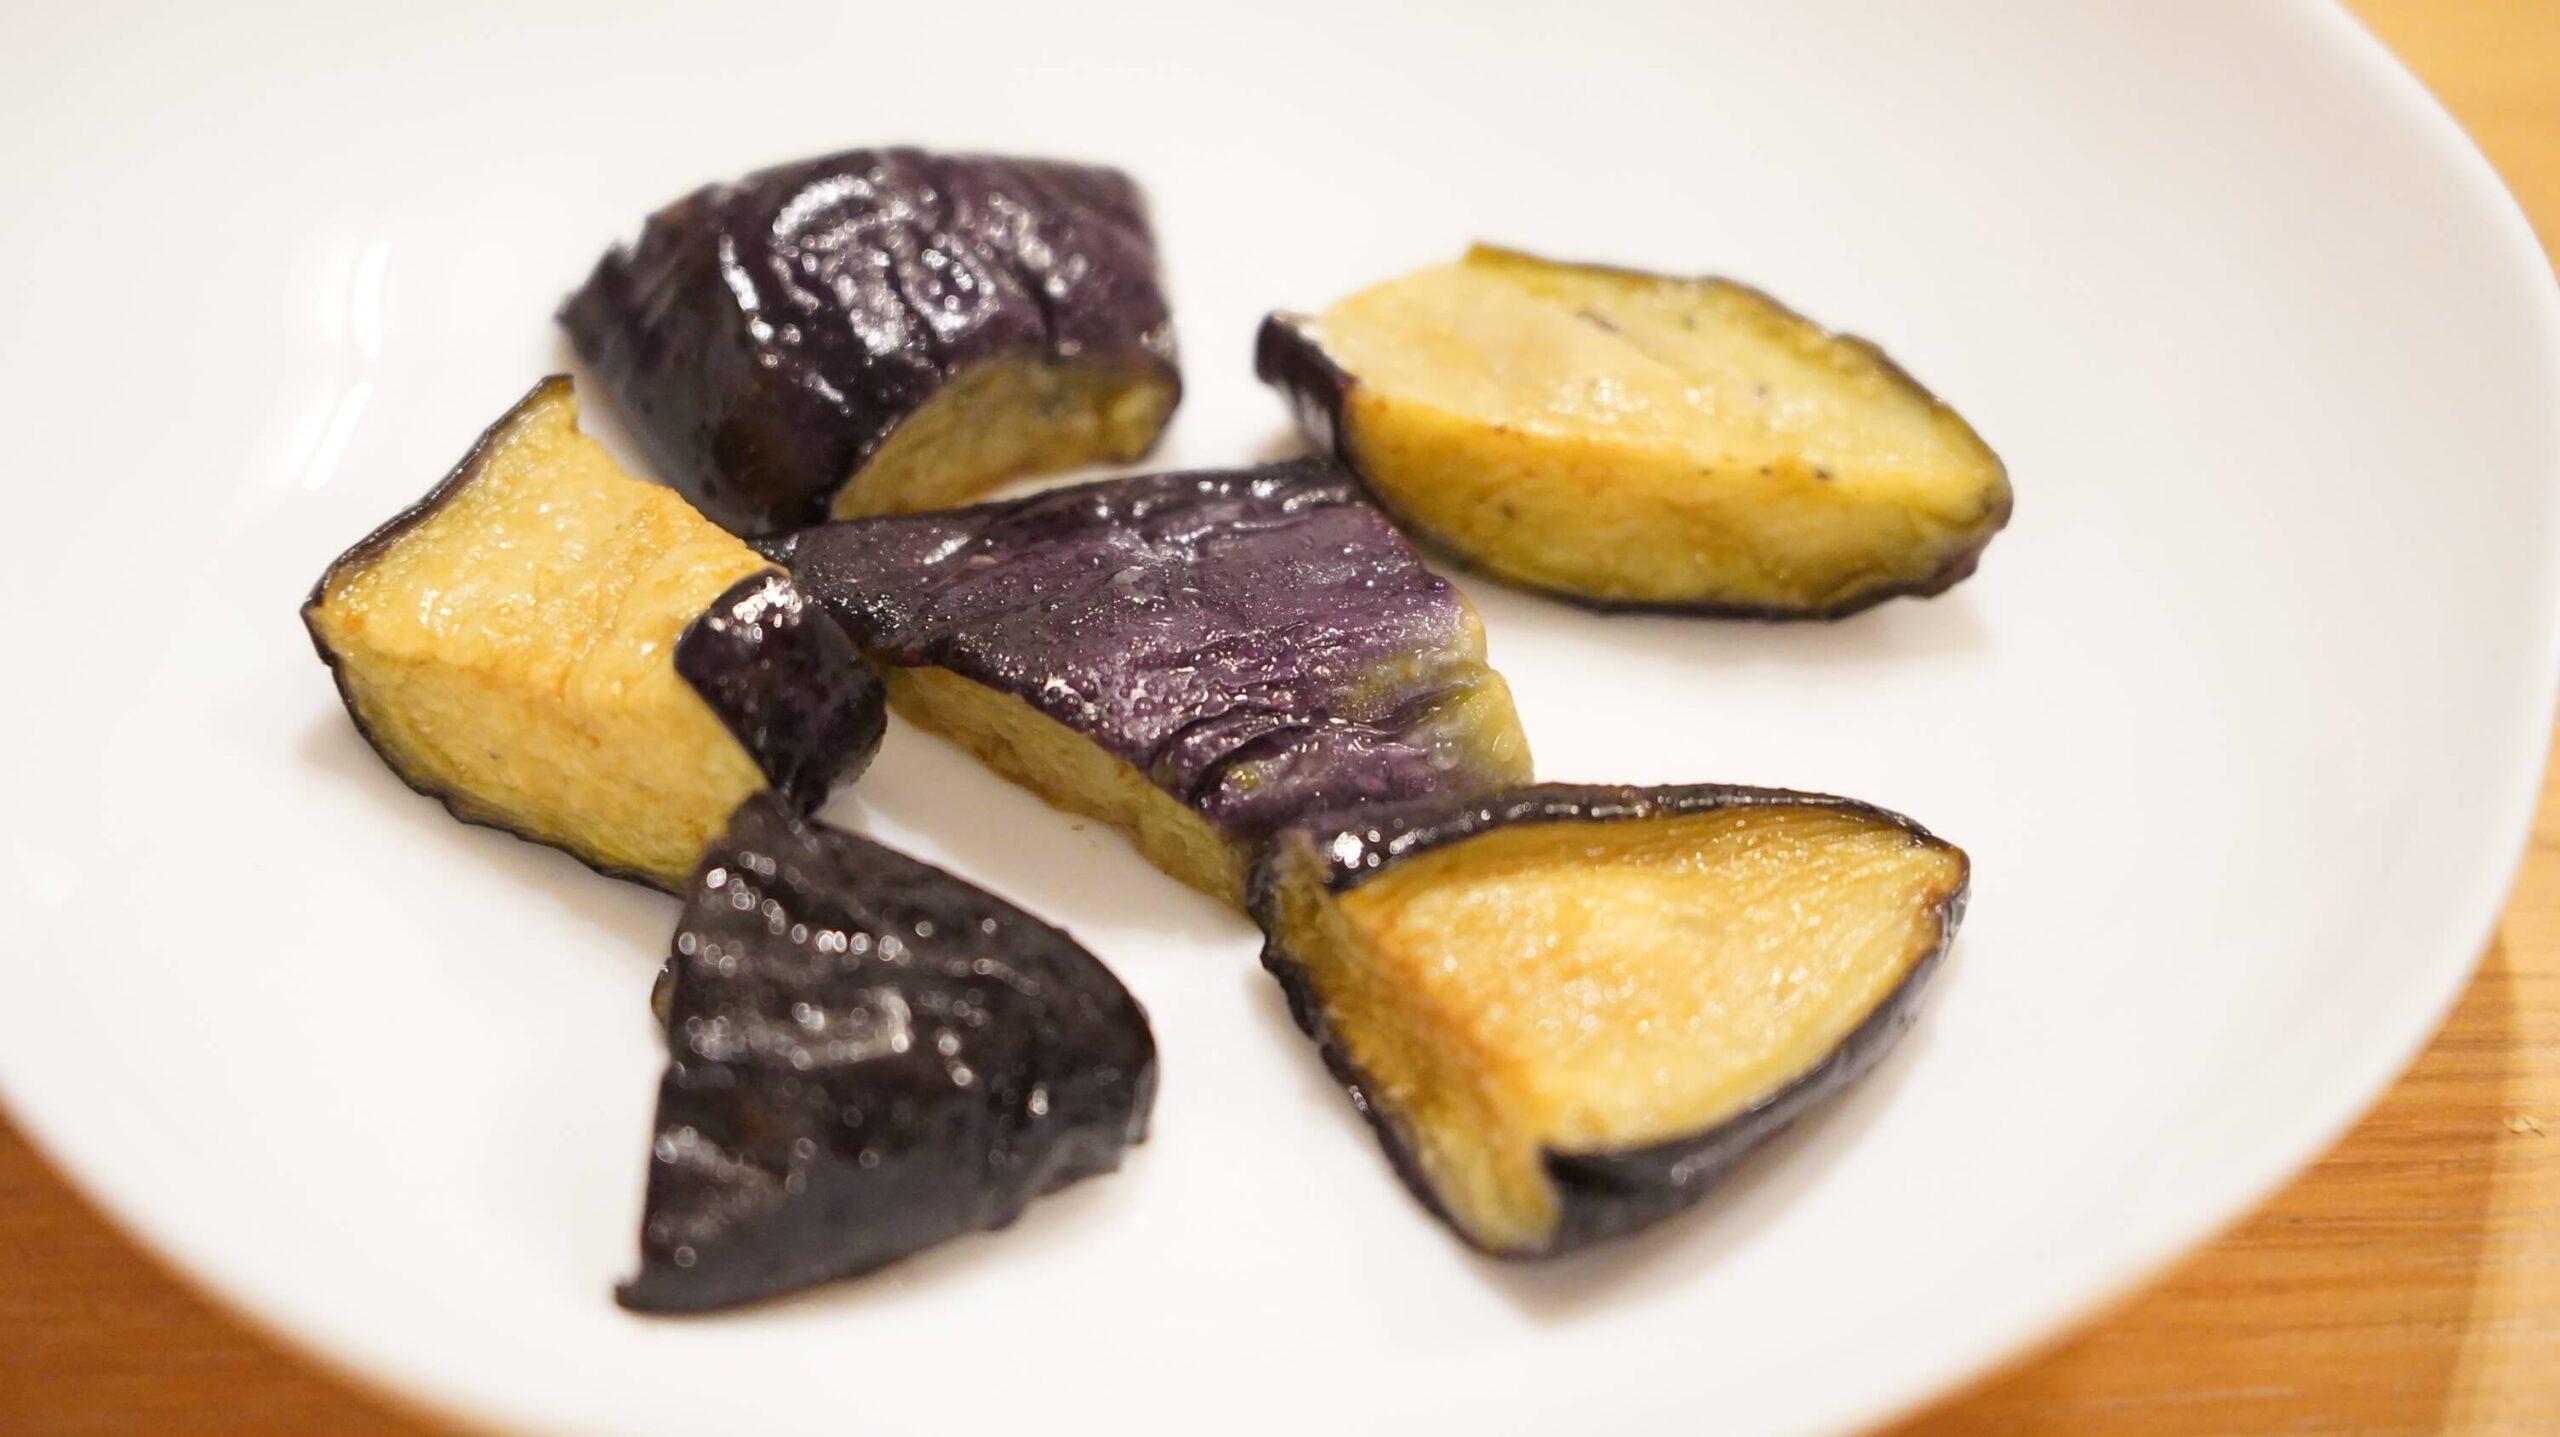 コストコの冷凍食品「カット揚げなす」を皿に盛りつけた写真